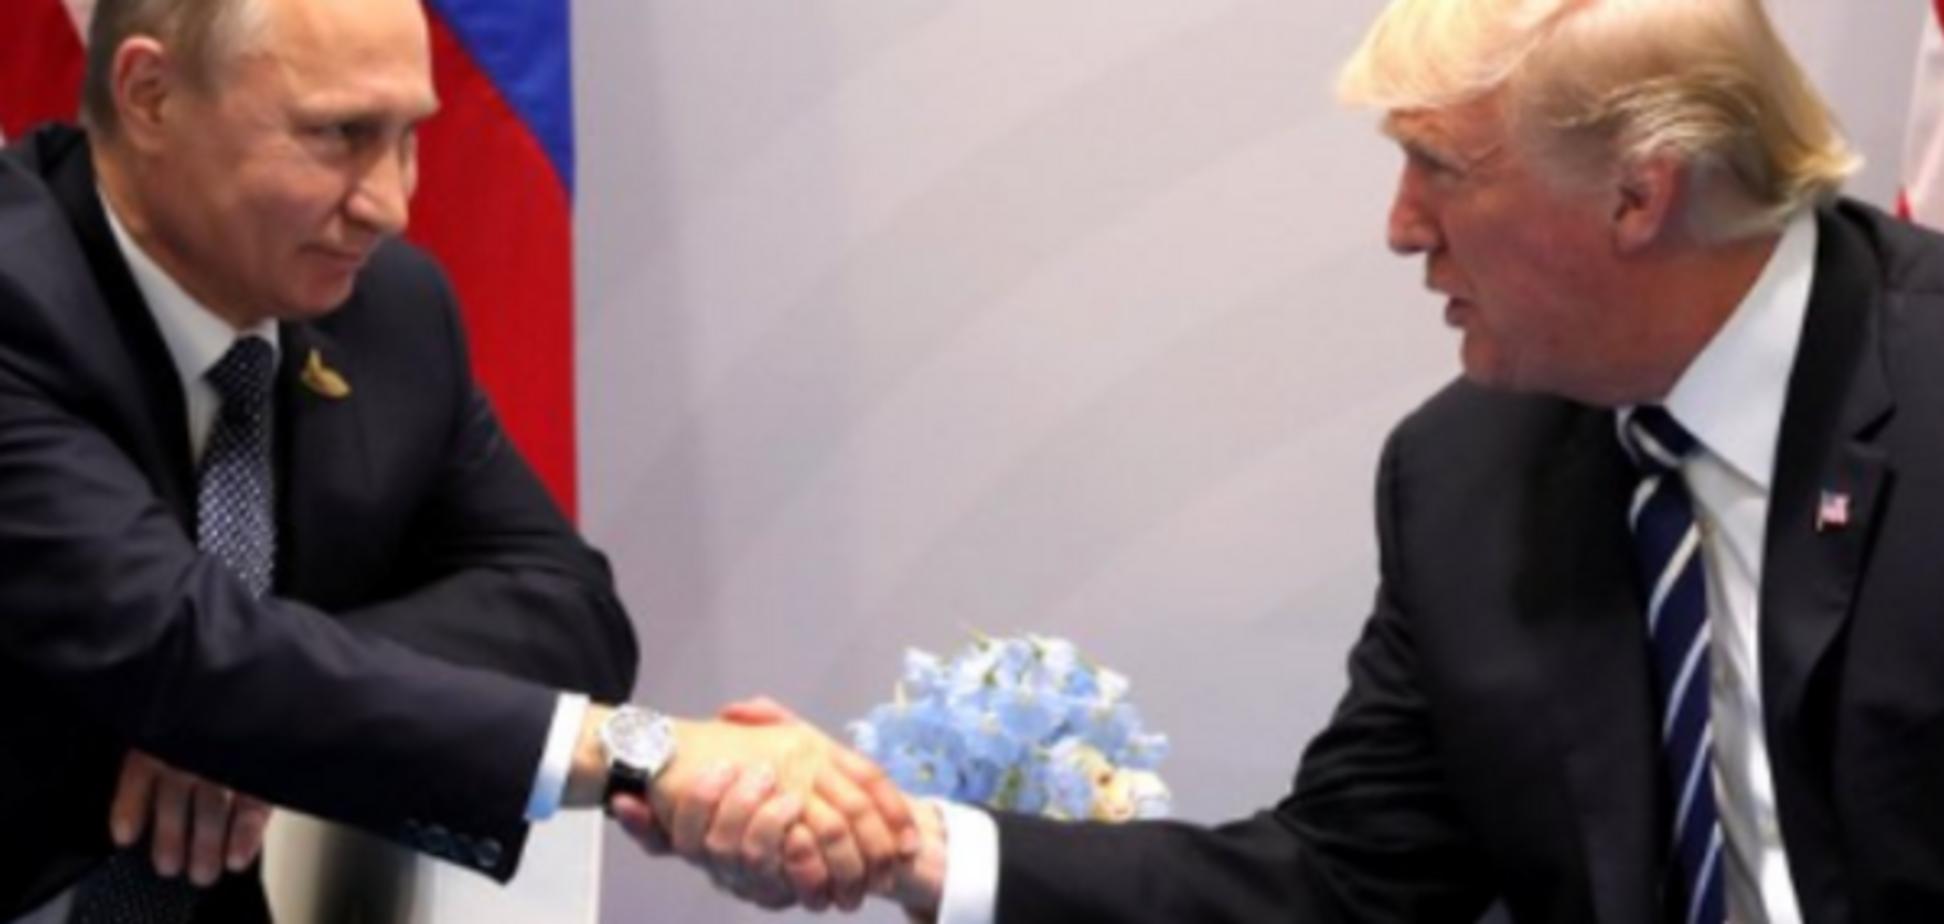 Розклали рукостискання Путіна з Трампом на молекули: росТБ розсмішило мережу